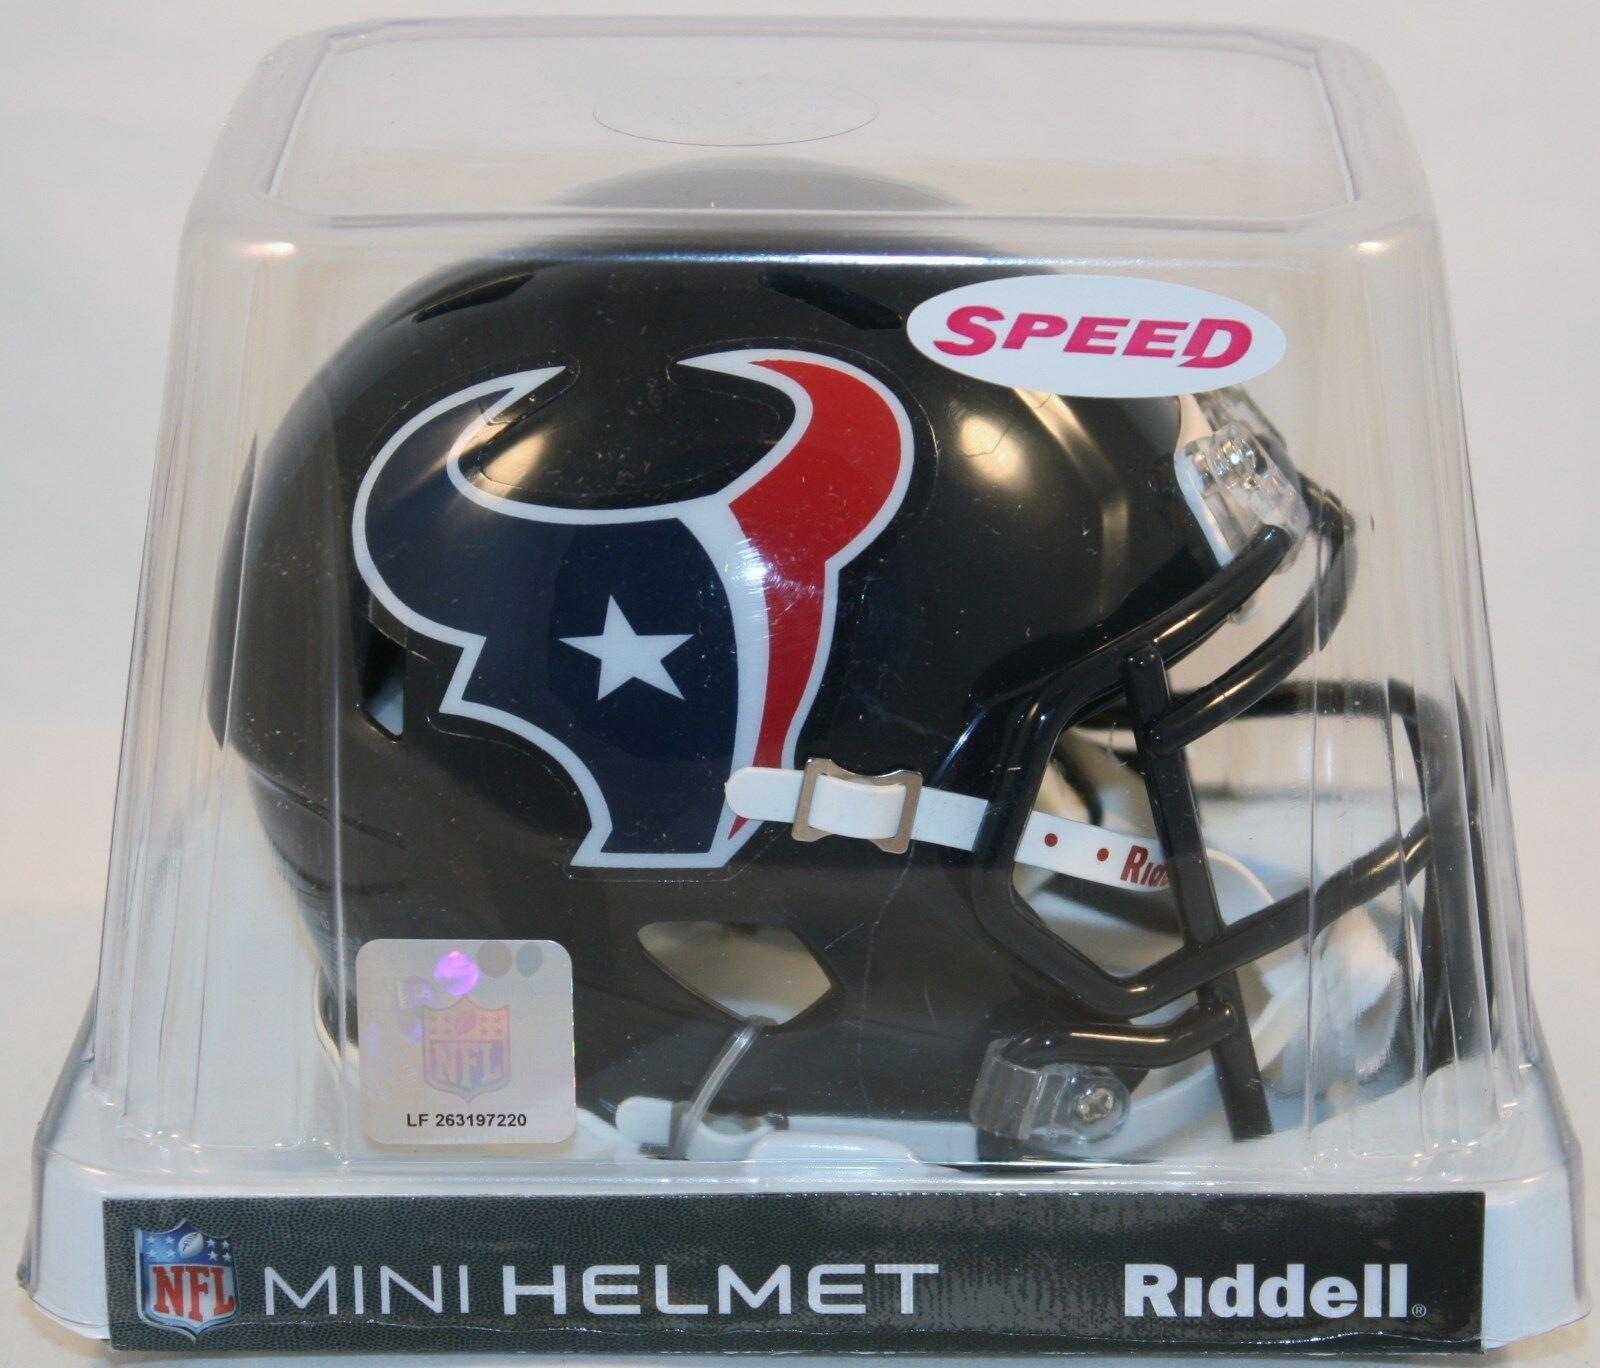 Riddell NFL Speed Mini Helmet (PICK YOUR TEAM)